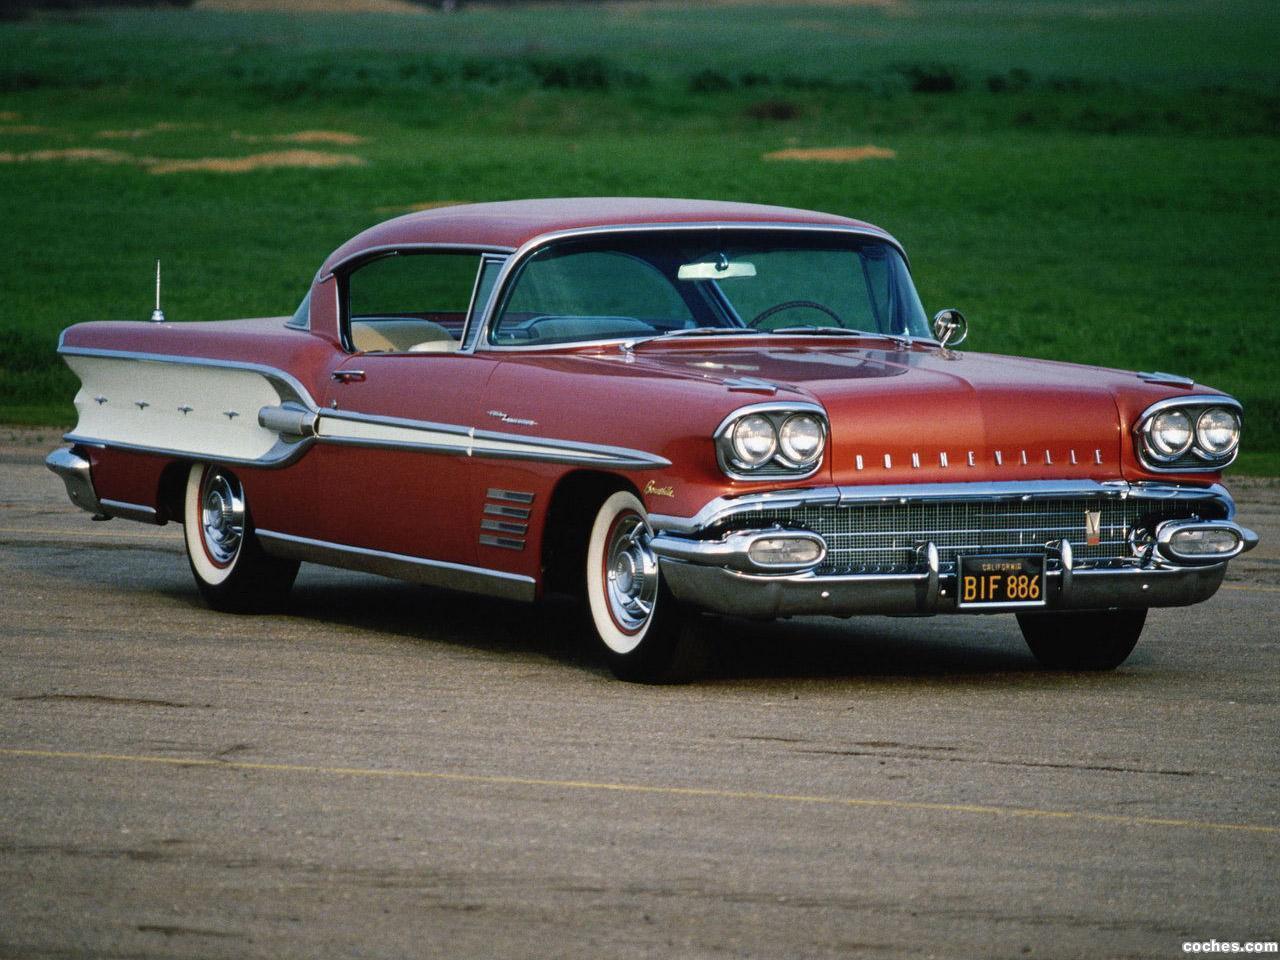 de Pontiac bonneville 1958